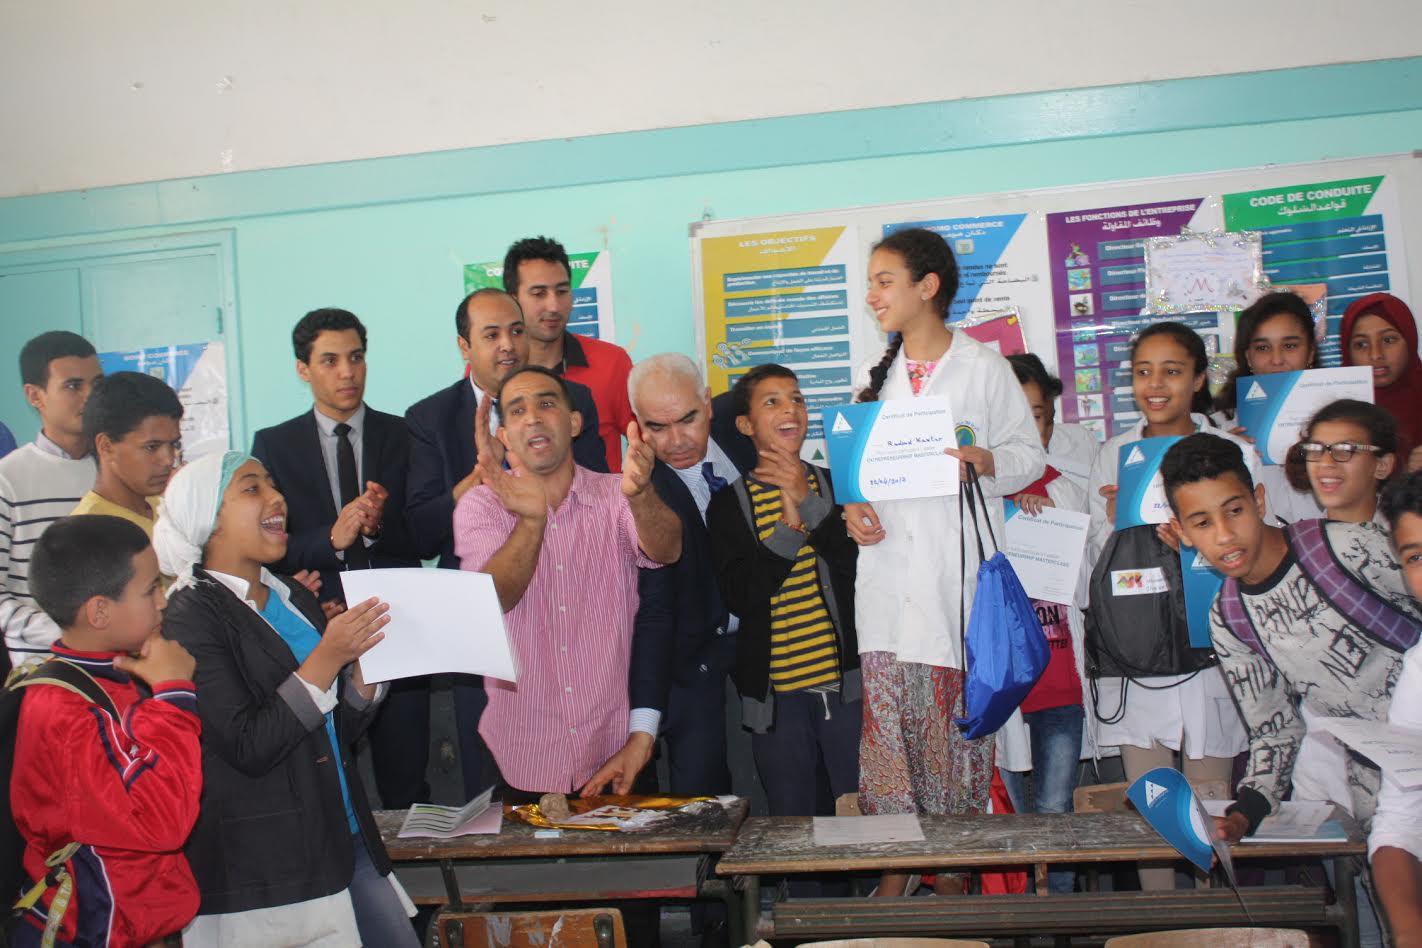 جمعية إنجاز المغرب تنظم نشاطا مقاولاتيا لفائدة تلاميذ إعدادية للا مريم بالجديدة